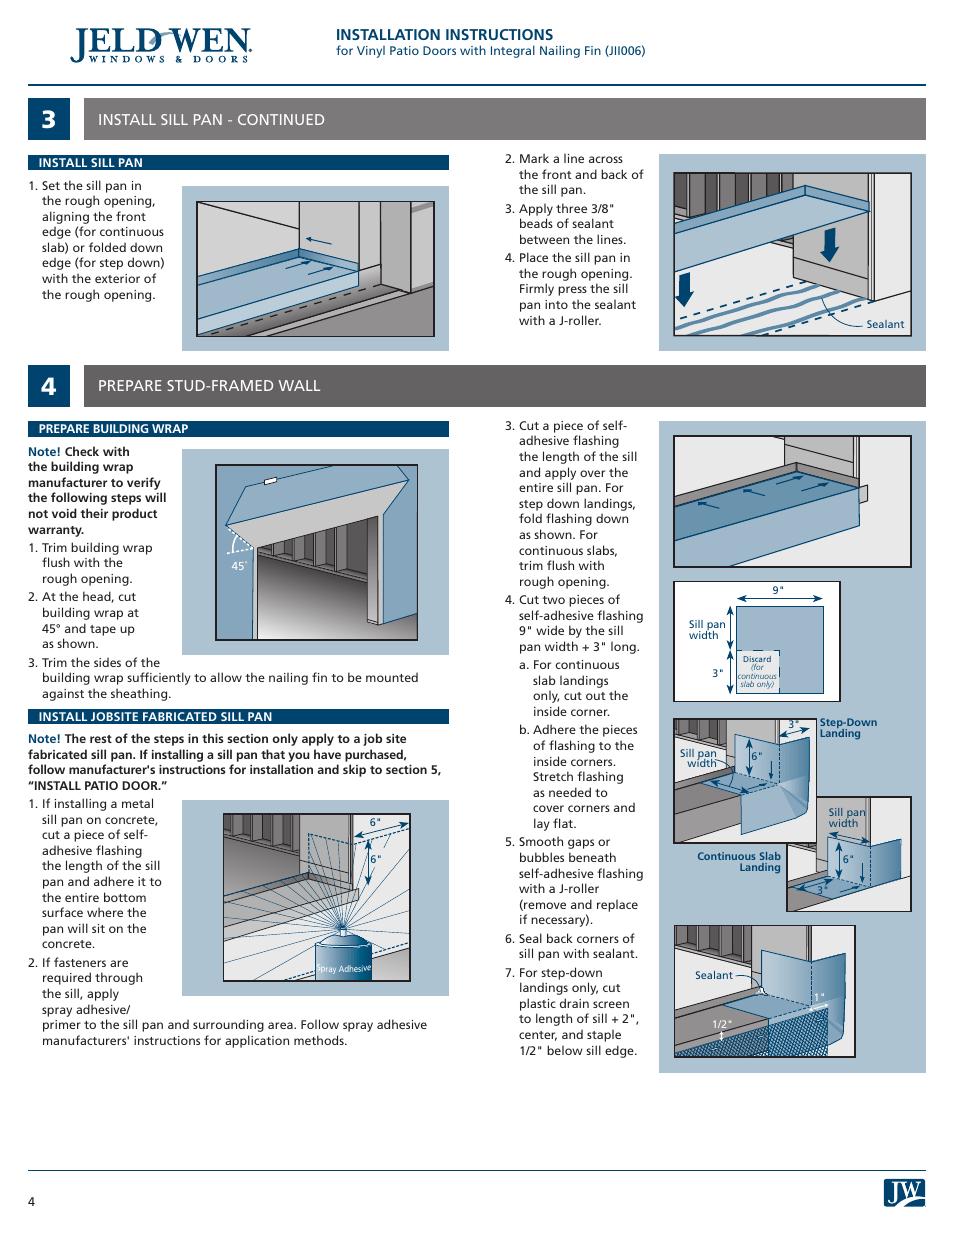 Jeld Wen Patio Doors Installation Instructions